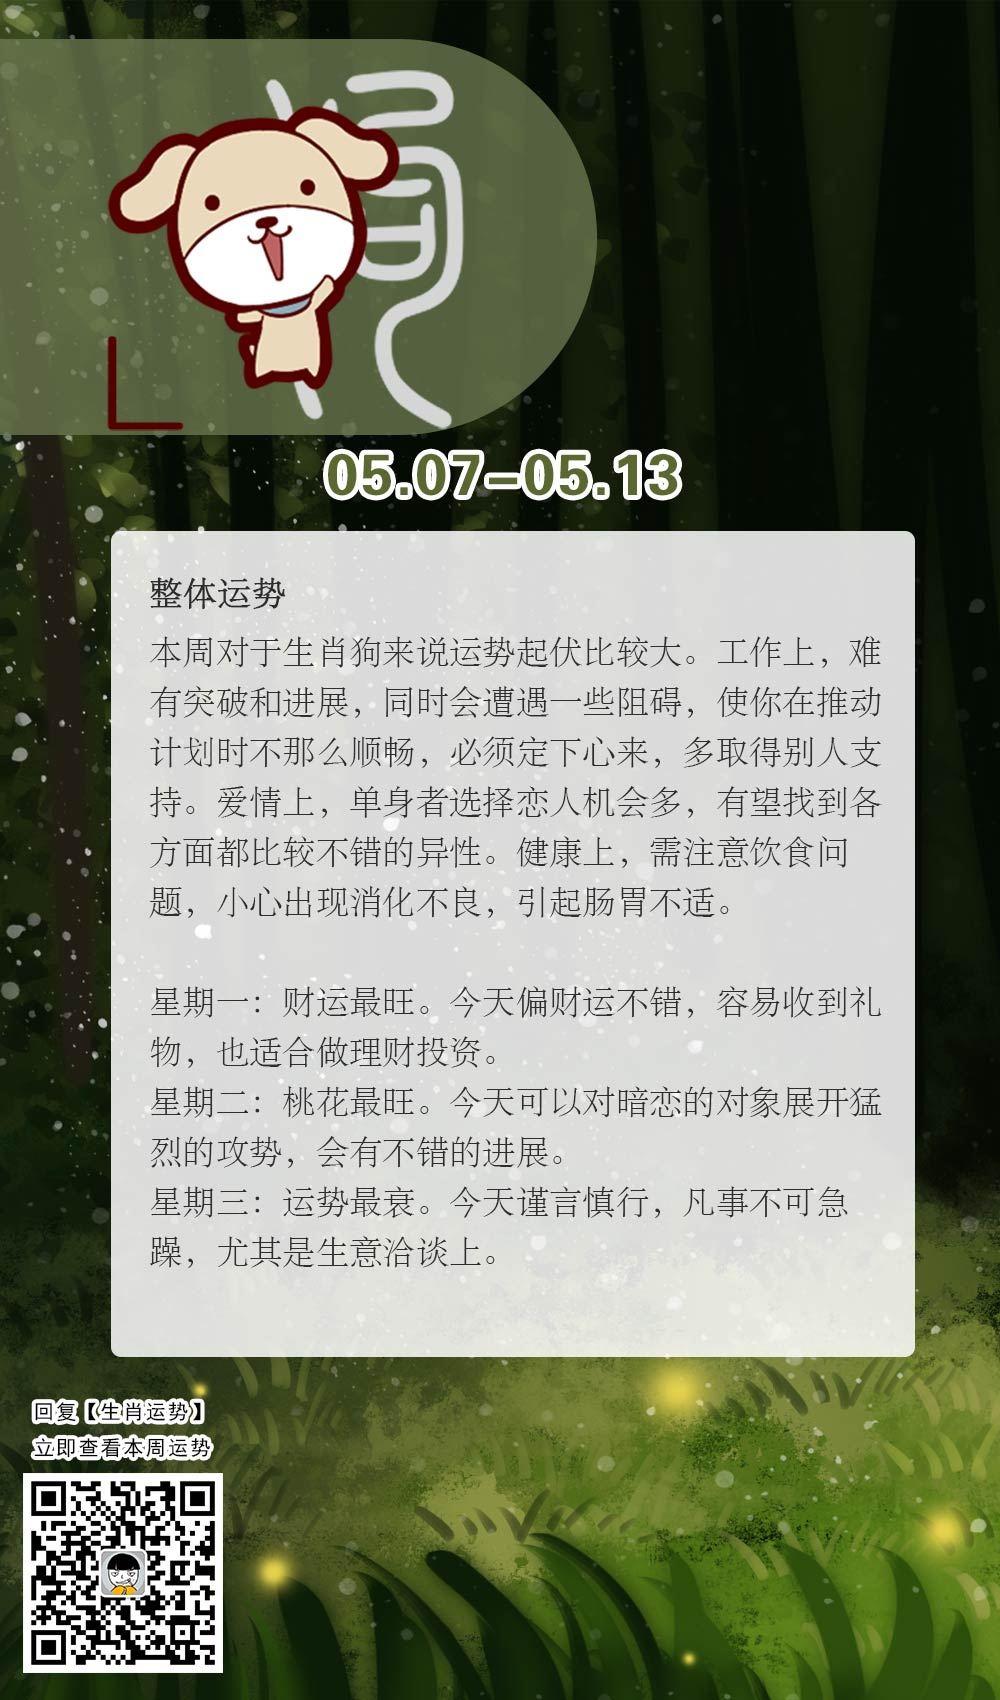 生肖狗本周运势【2018.05.07-05.13】